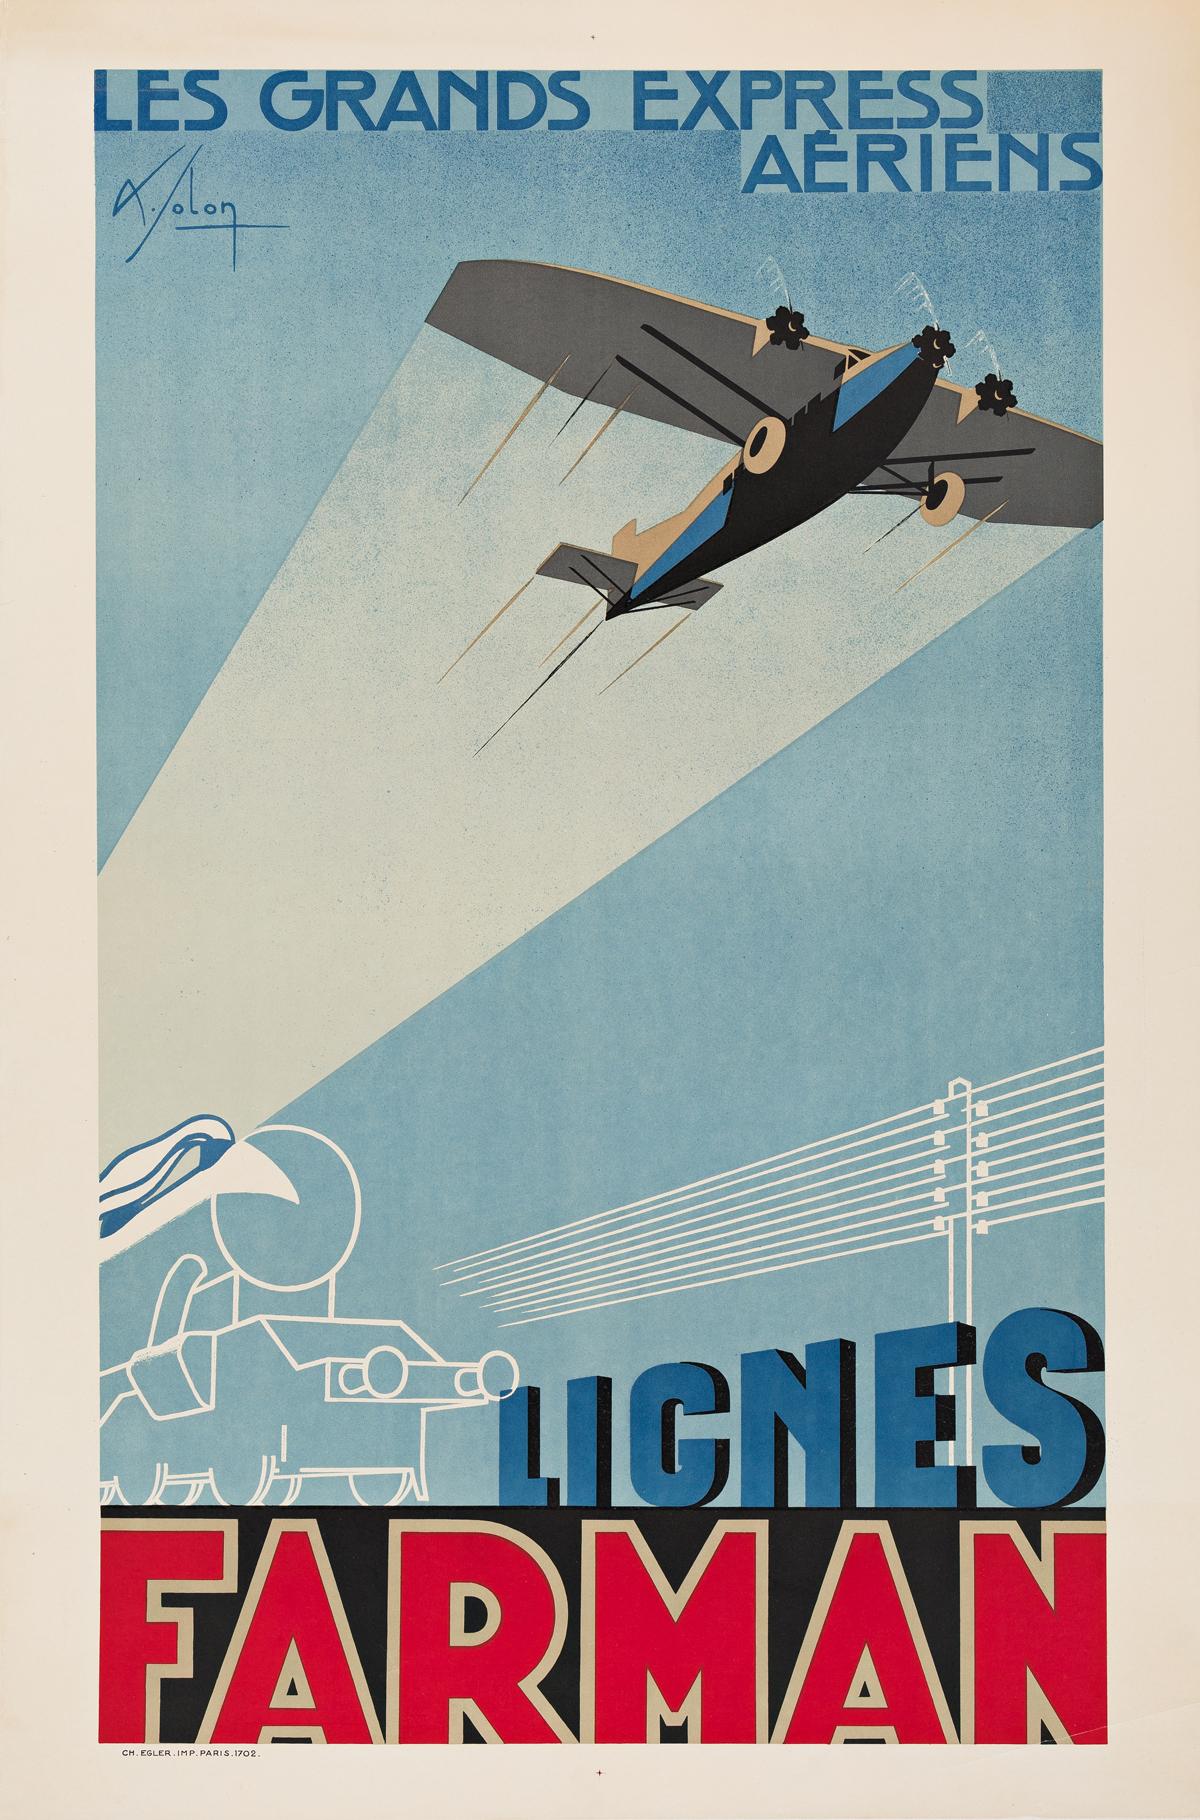 Albert-Solon-(1897-1973)--LIGNES-FARMAN--LES-GRANDES-EXPRESS